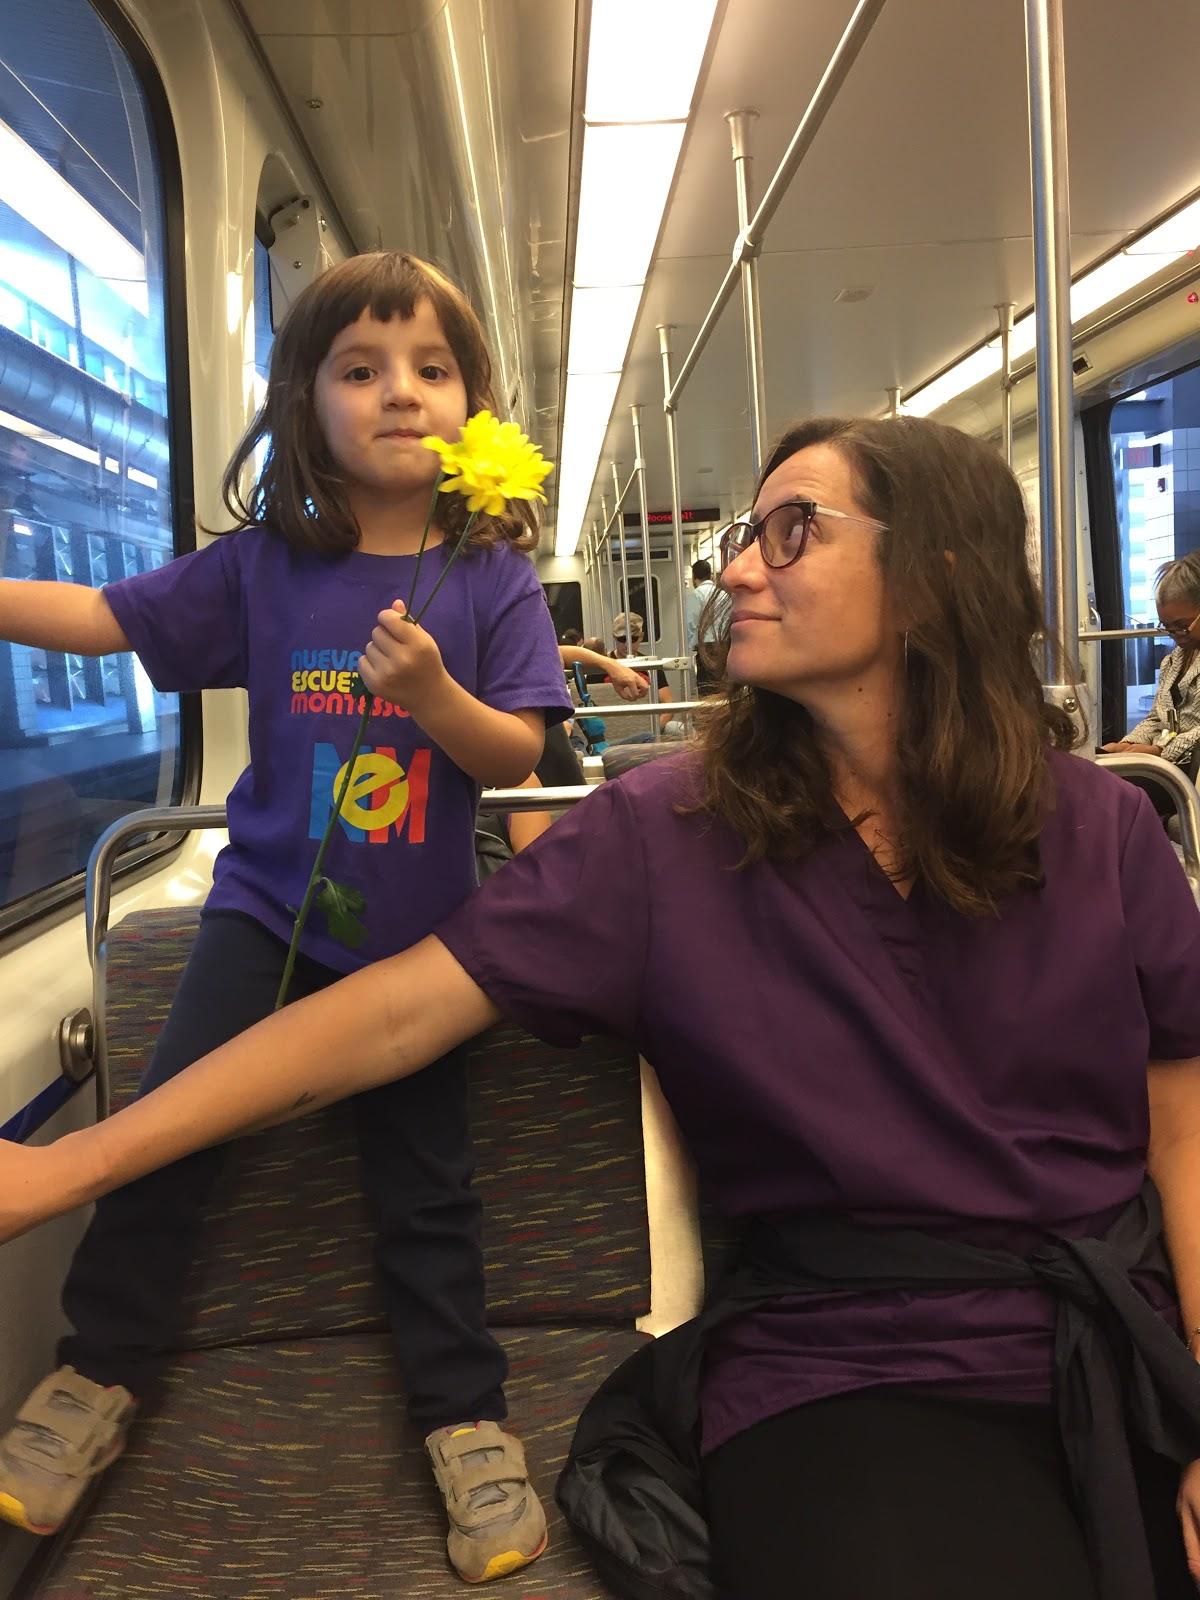 8 marzo 2017. #cuerpoyciudad #mujeresyciudad documentación en Tren Urbano, Puerto Rico on the way to #ParodeMujeresPR colaboradora Andrea Bauzá y su hija Elena. Por ellxs luchamos en el ahora.